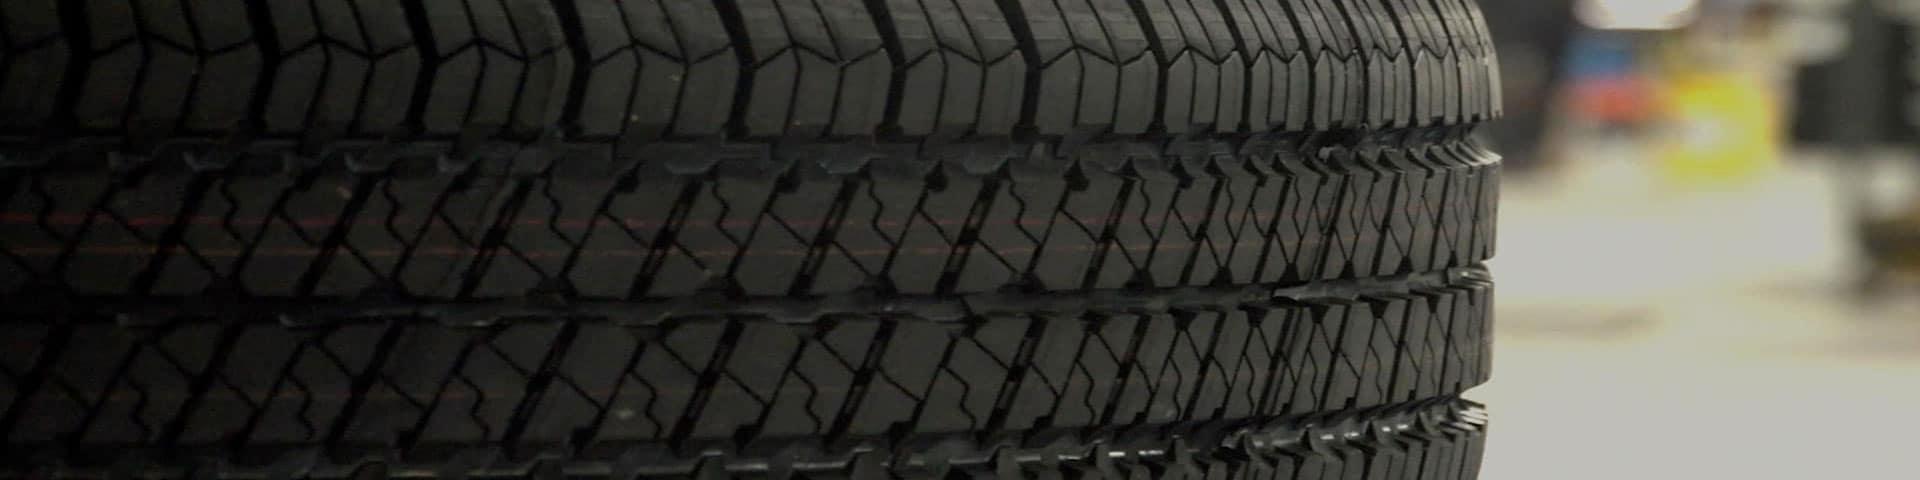 Tire Rotation in Oklahoma City